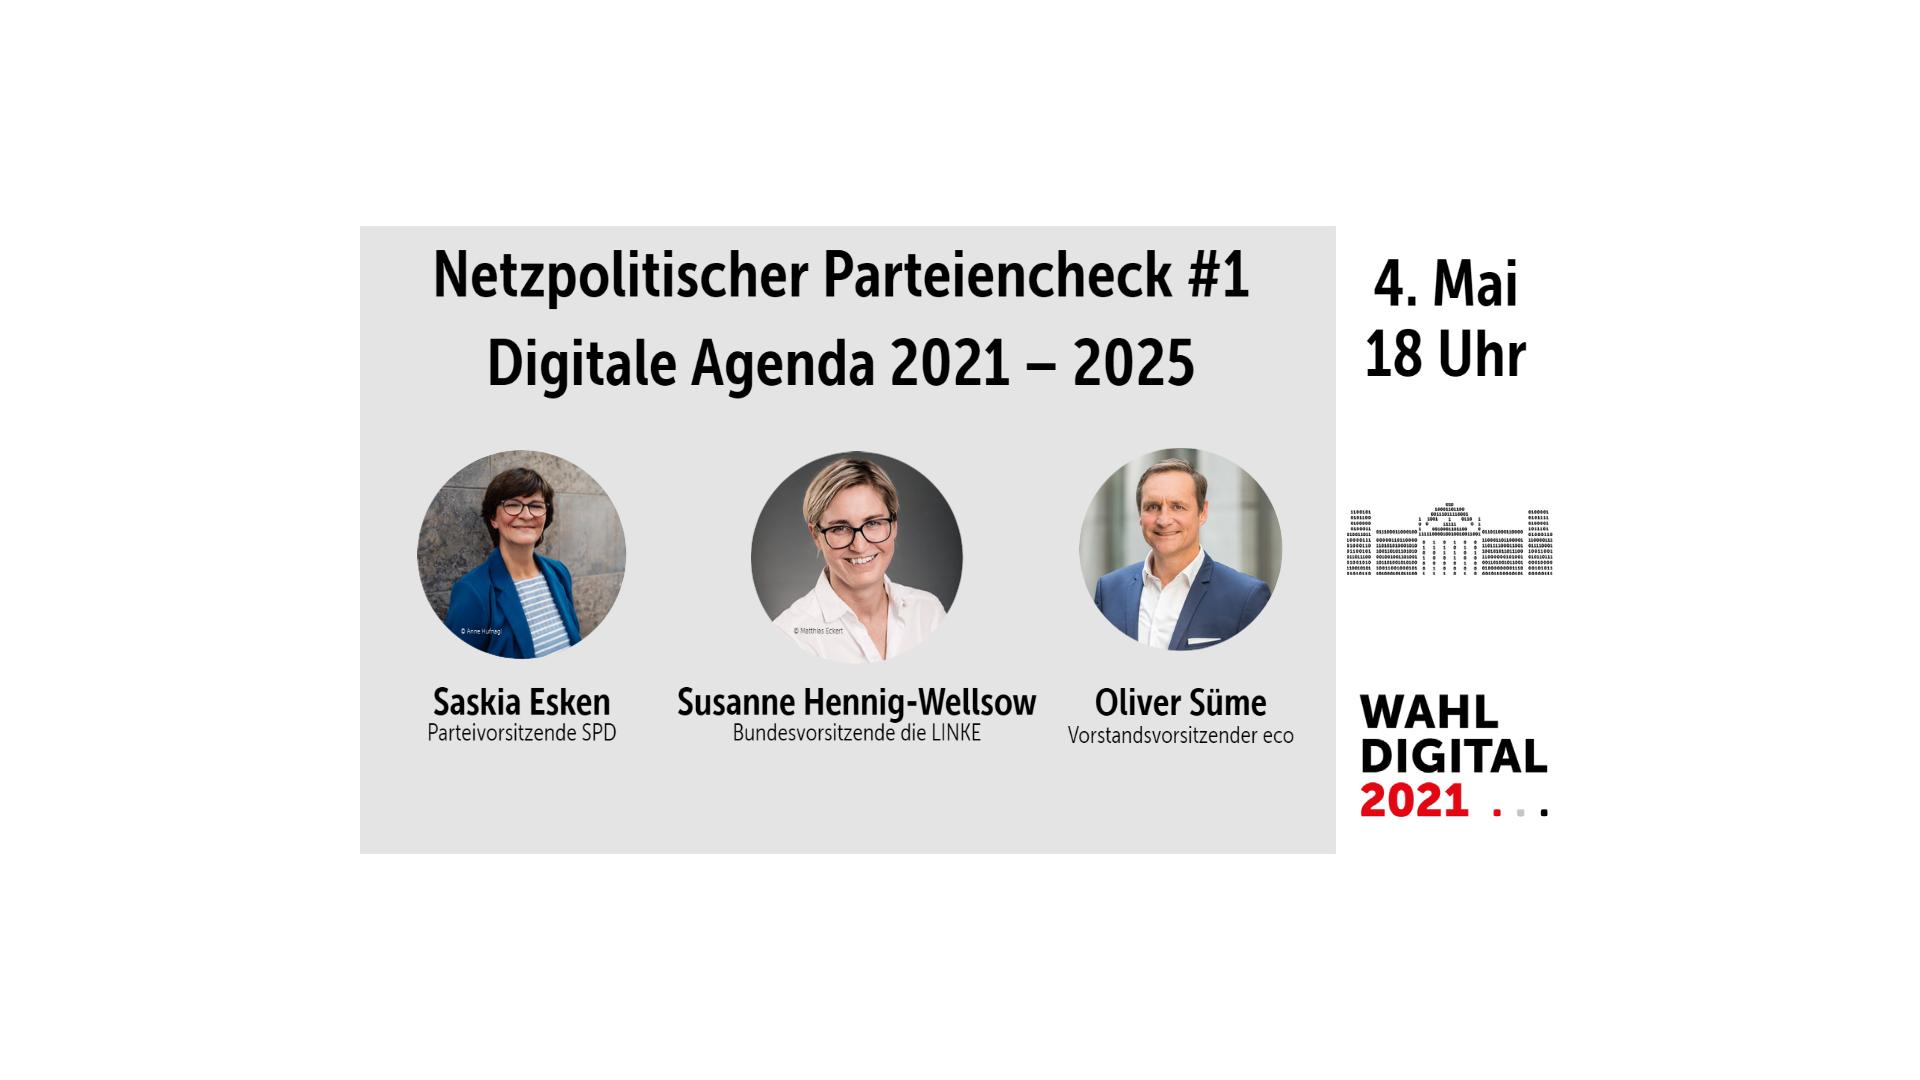 WahlDigital 2021: Netzpolitischer Parteiencheck #1 am 4. Mai